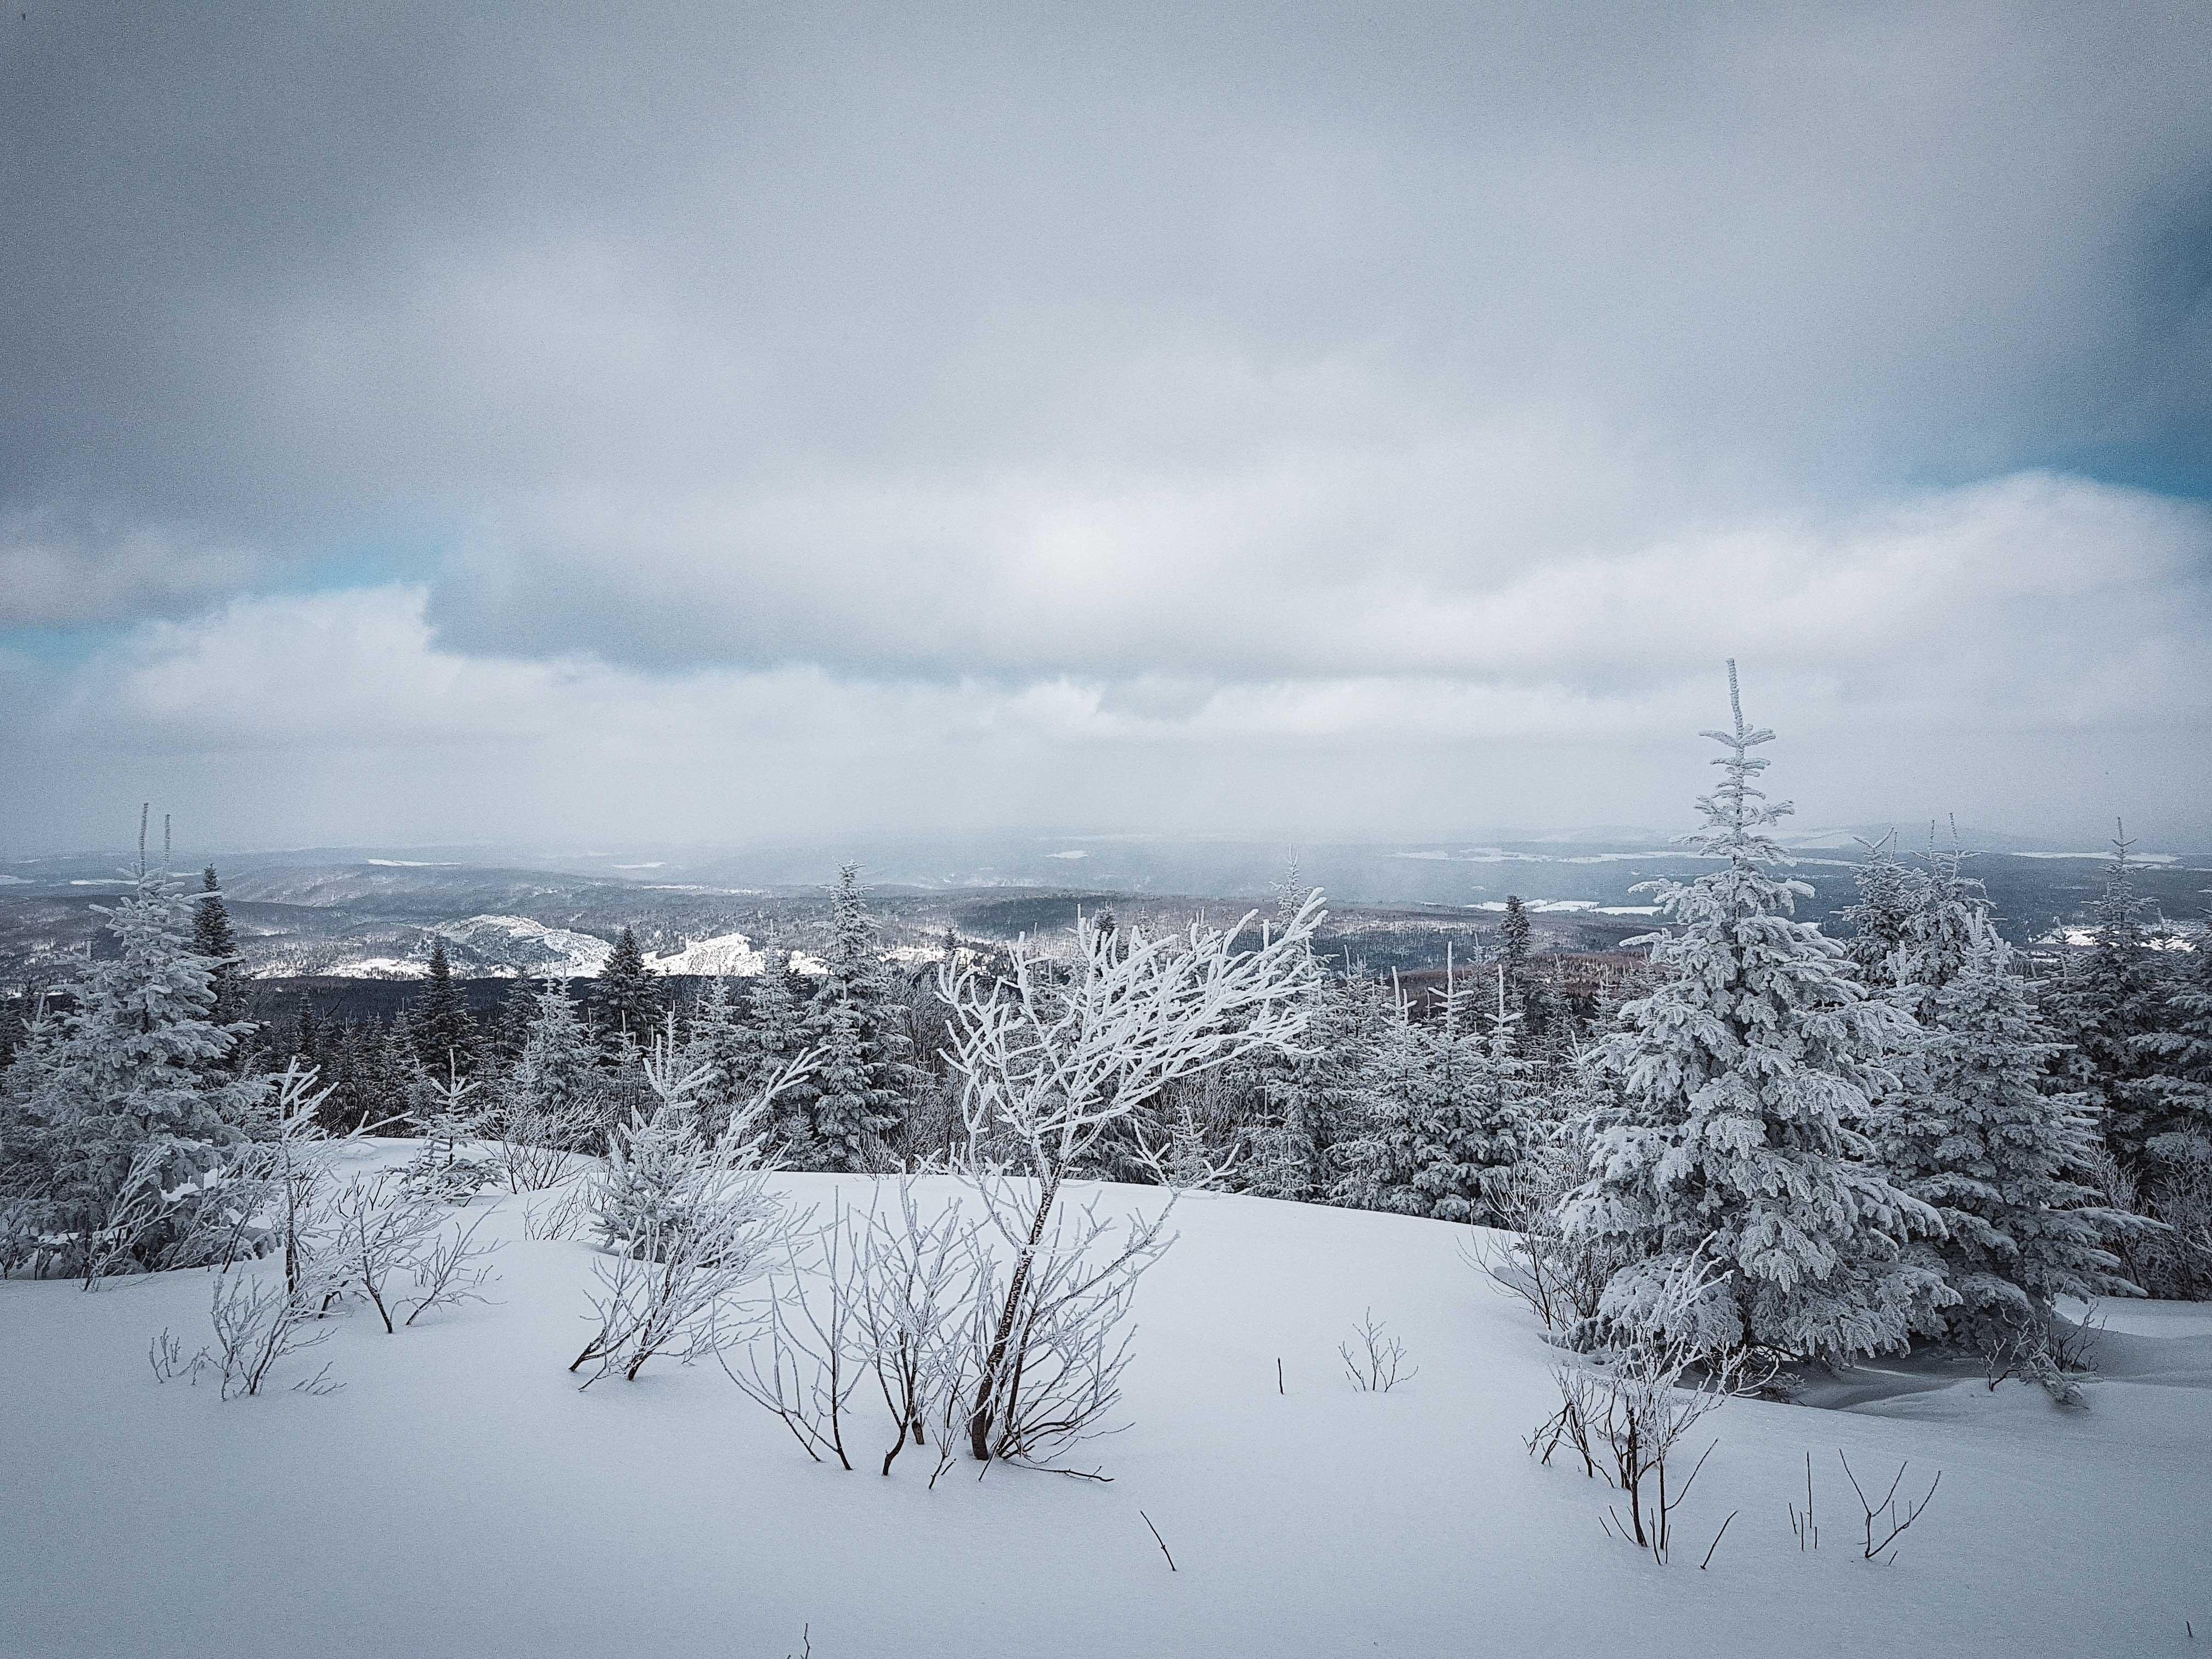 Paysage enneigé au sommet de la montagne. La photo montre les montagnes environnantes.